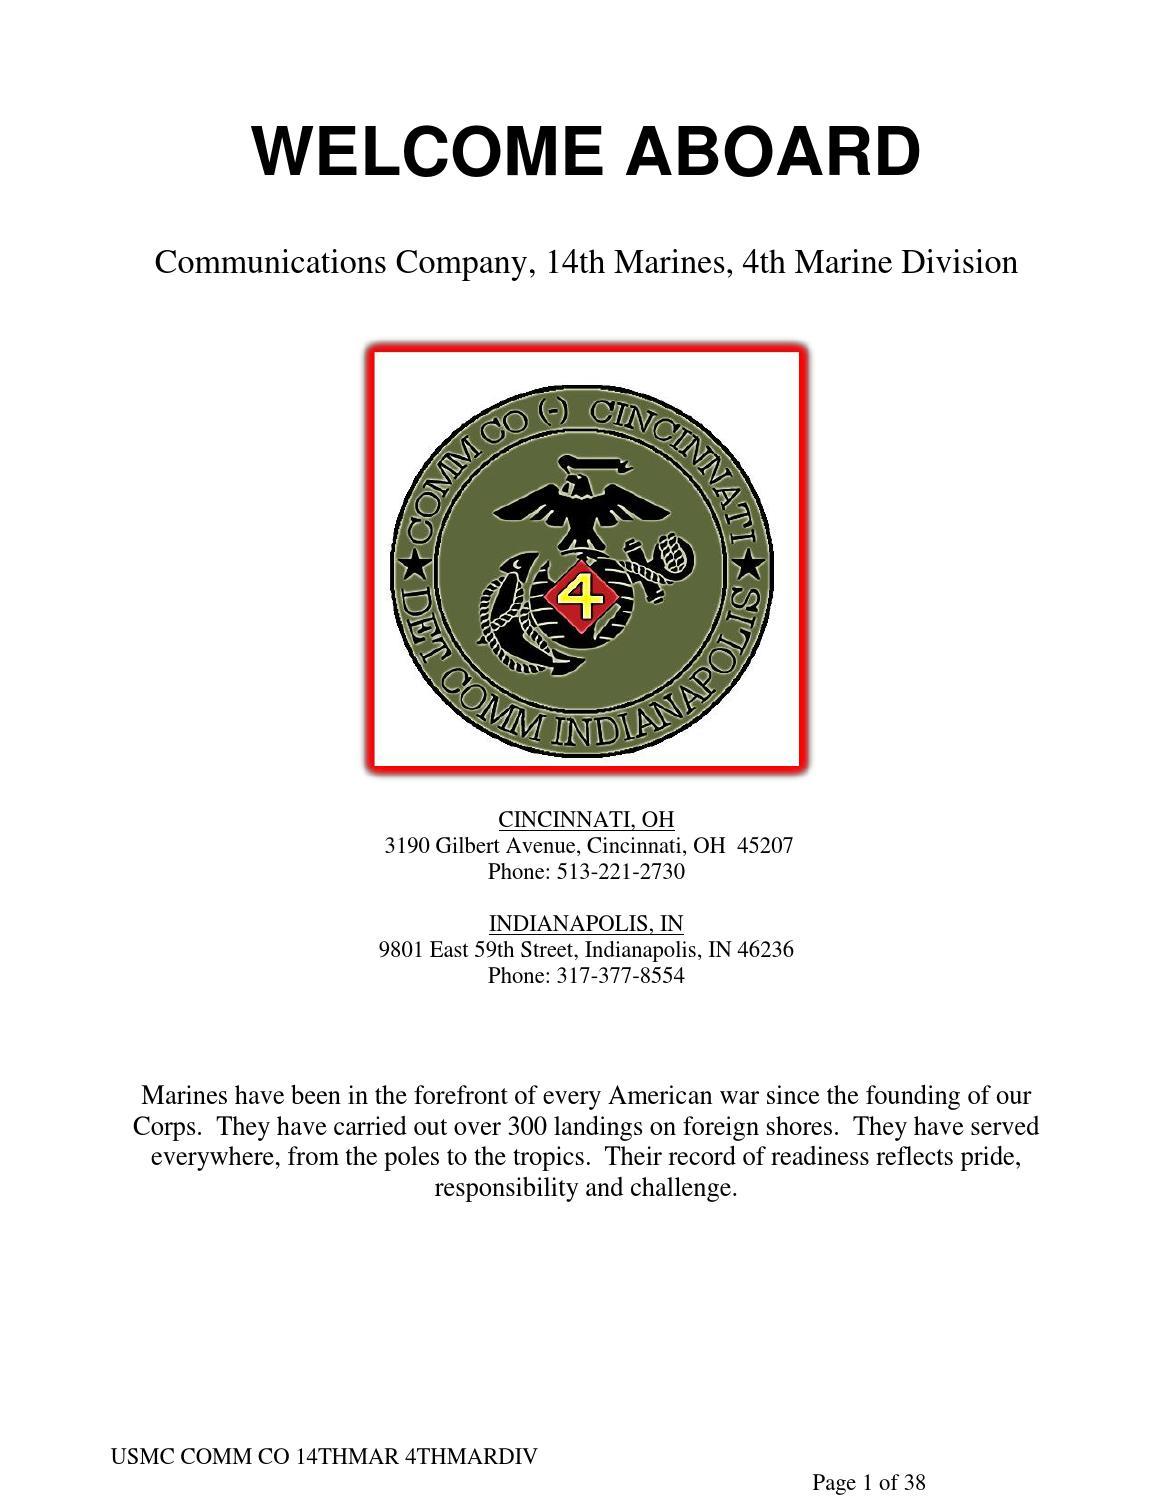 navmc 2795 counseling worksheet karibunicollies getadating worksheets ...